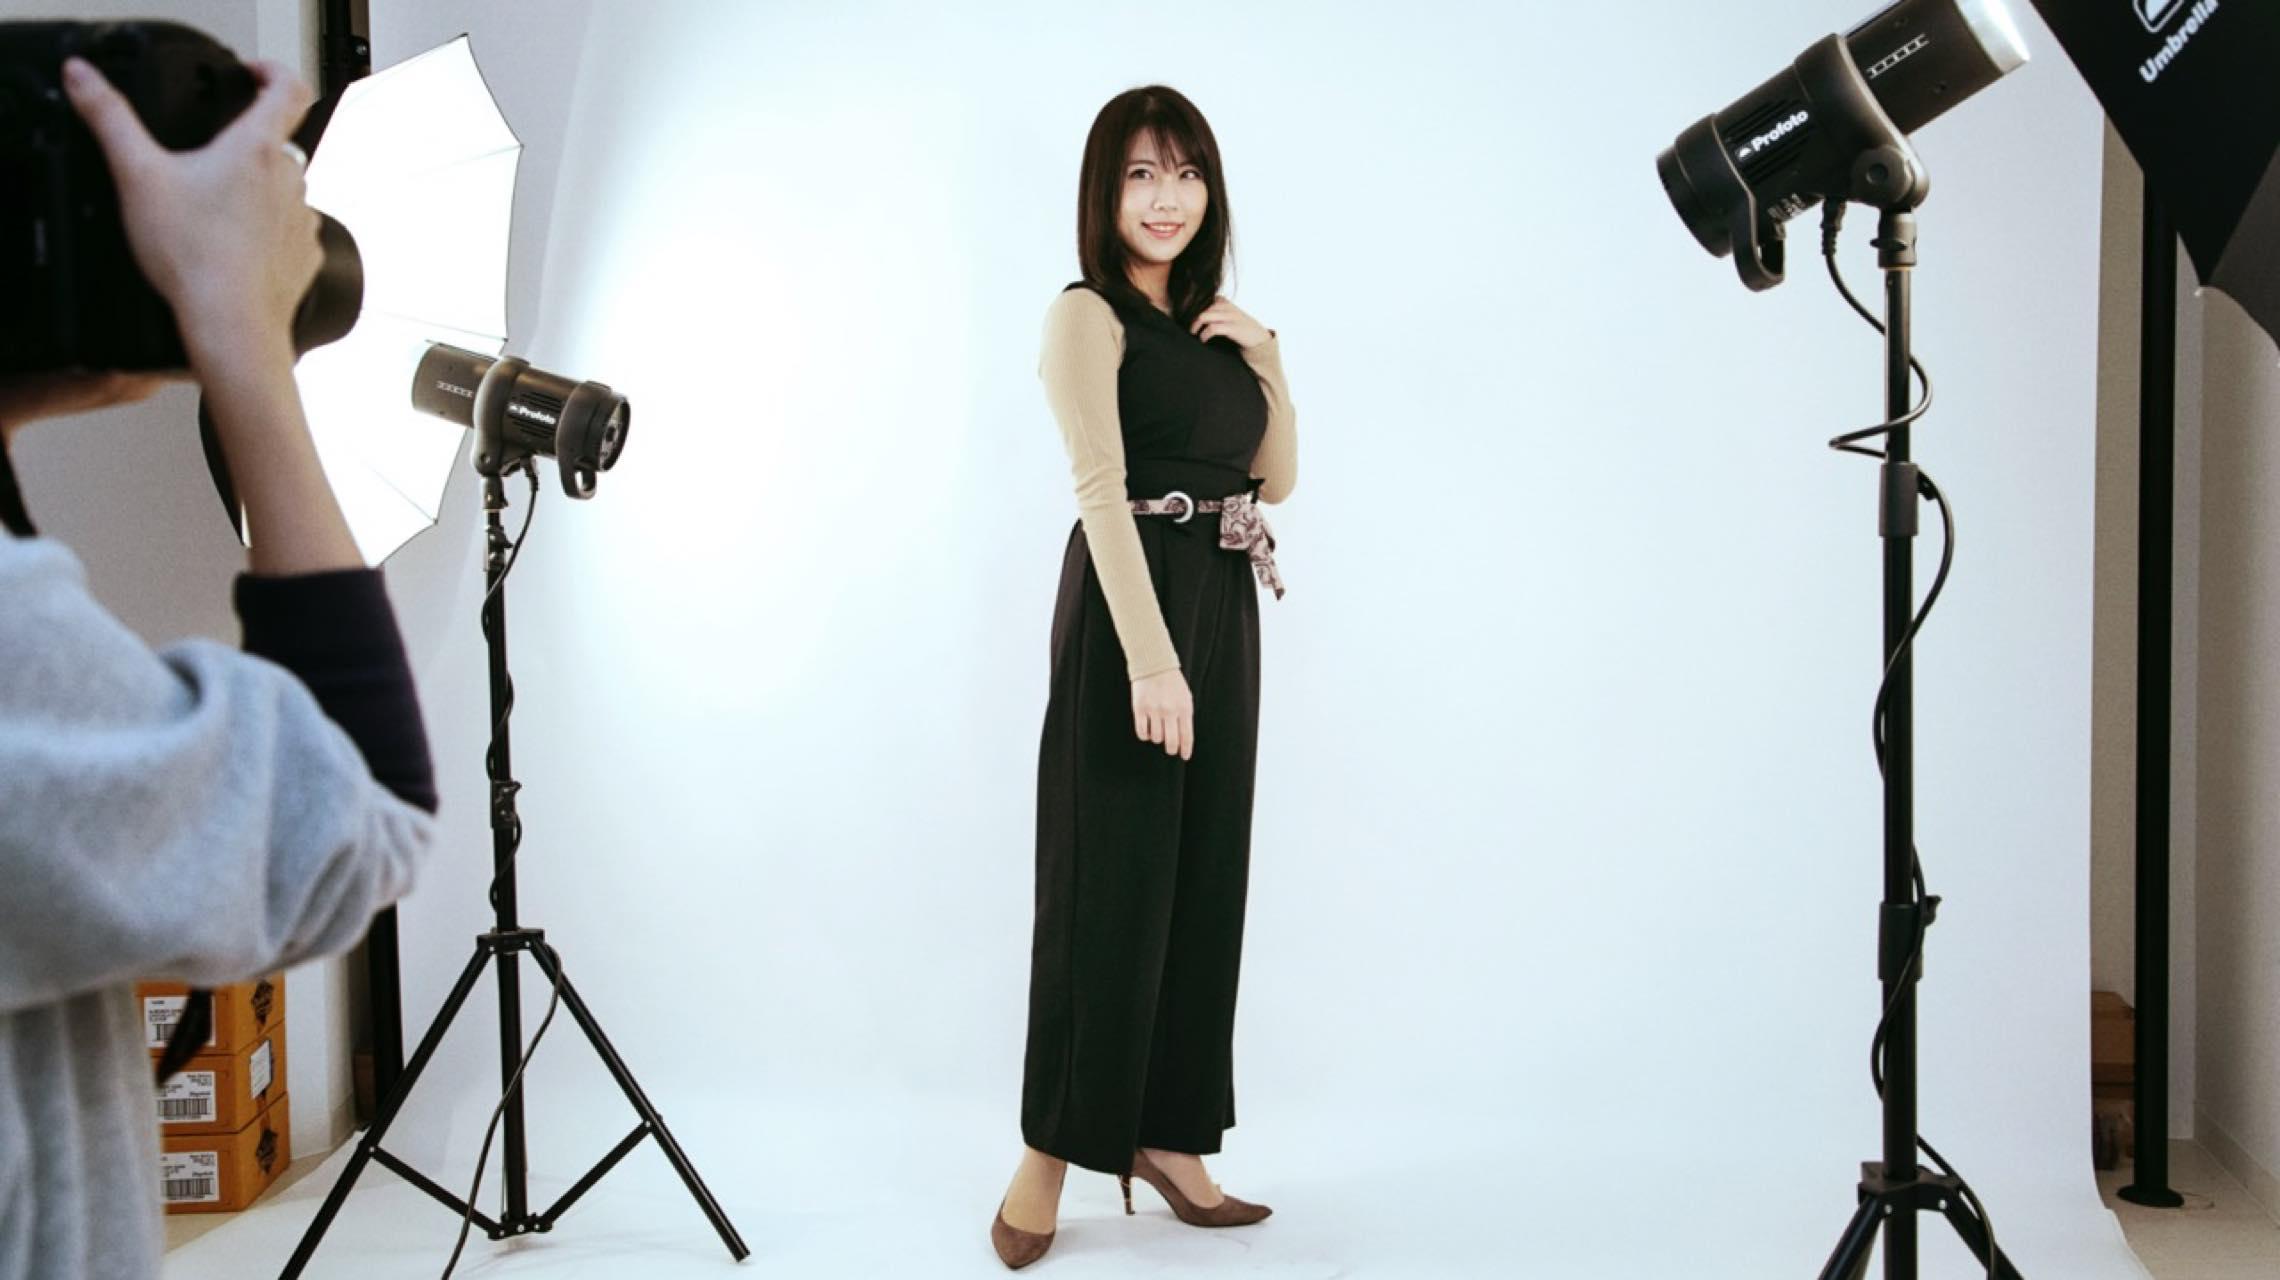 週末モデルになってみた-自分を好きになるための副業という新しい選択。